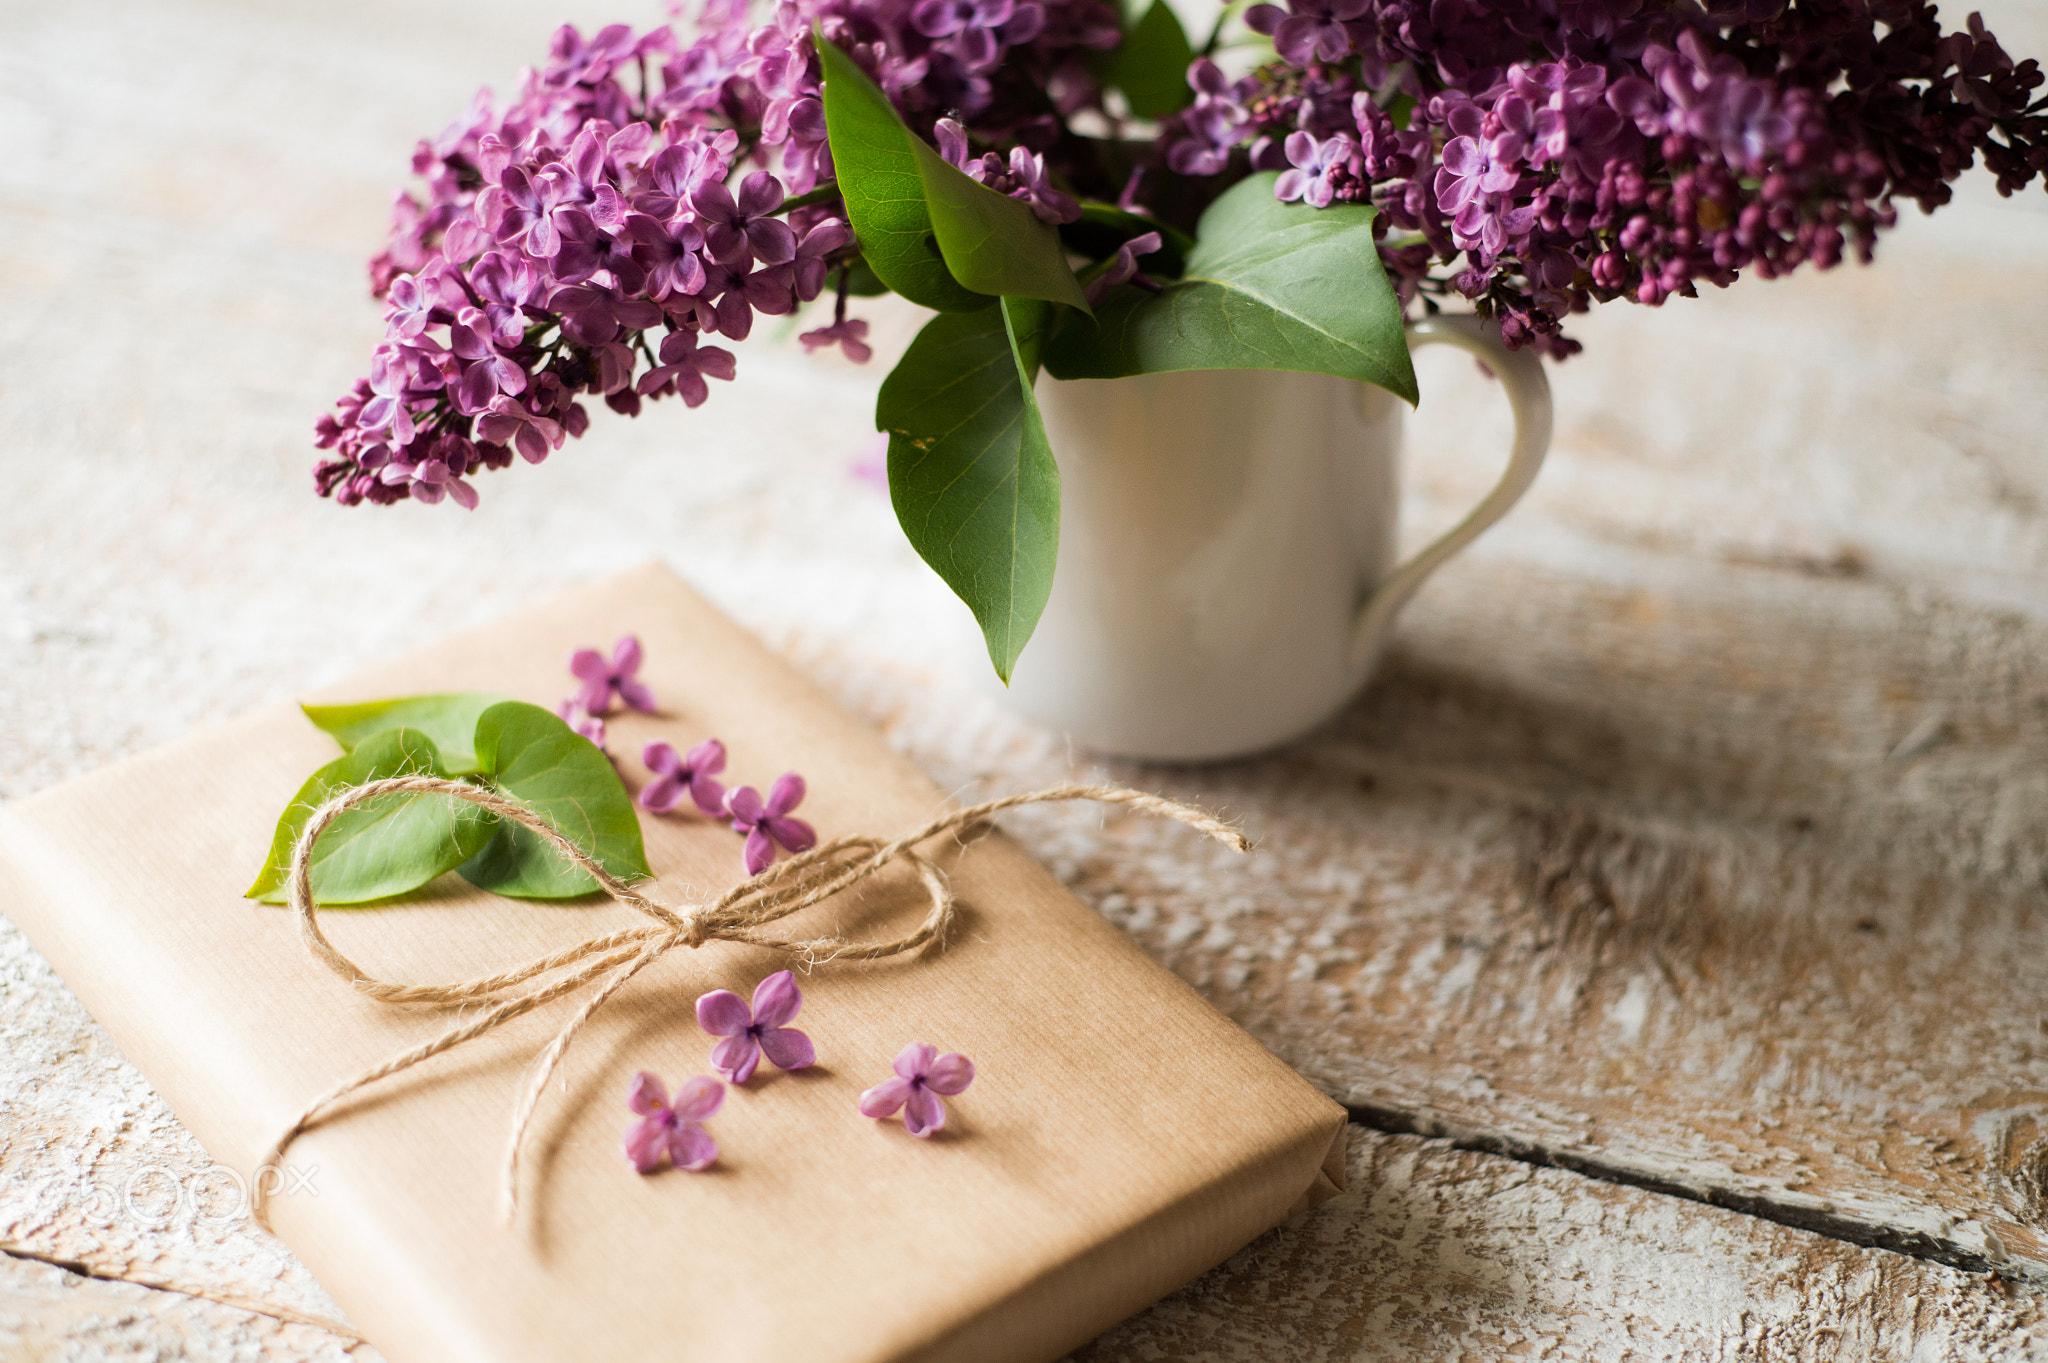 Фото Чашка с сиренью и сверток с цветочками сирени на дощатой поверхности, by Jozef Polc